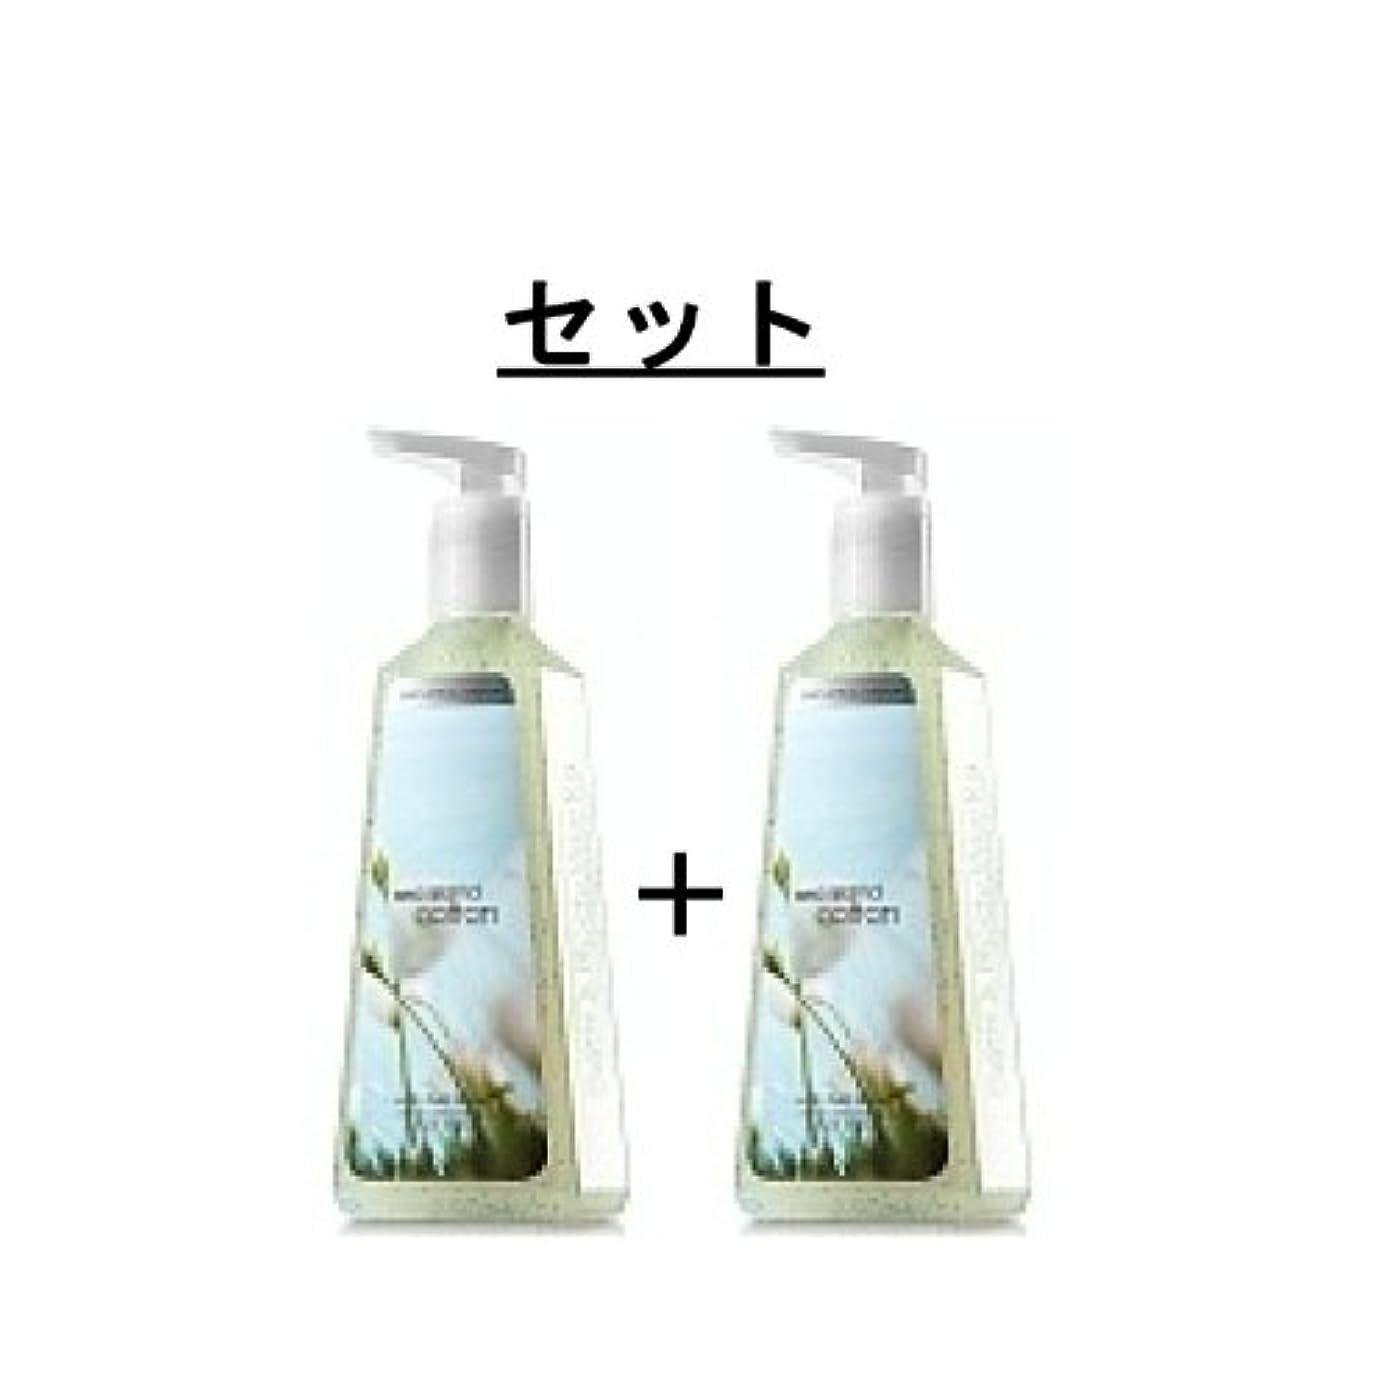 知覚するカスケード自伝Bath & Body Works Sea Island Cotton Antibacterial Deep Cleansing Hand Soap Set of 2 シーアイランドコットン【並行輸入品】